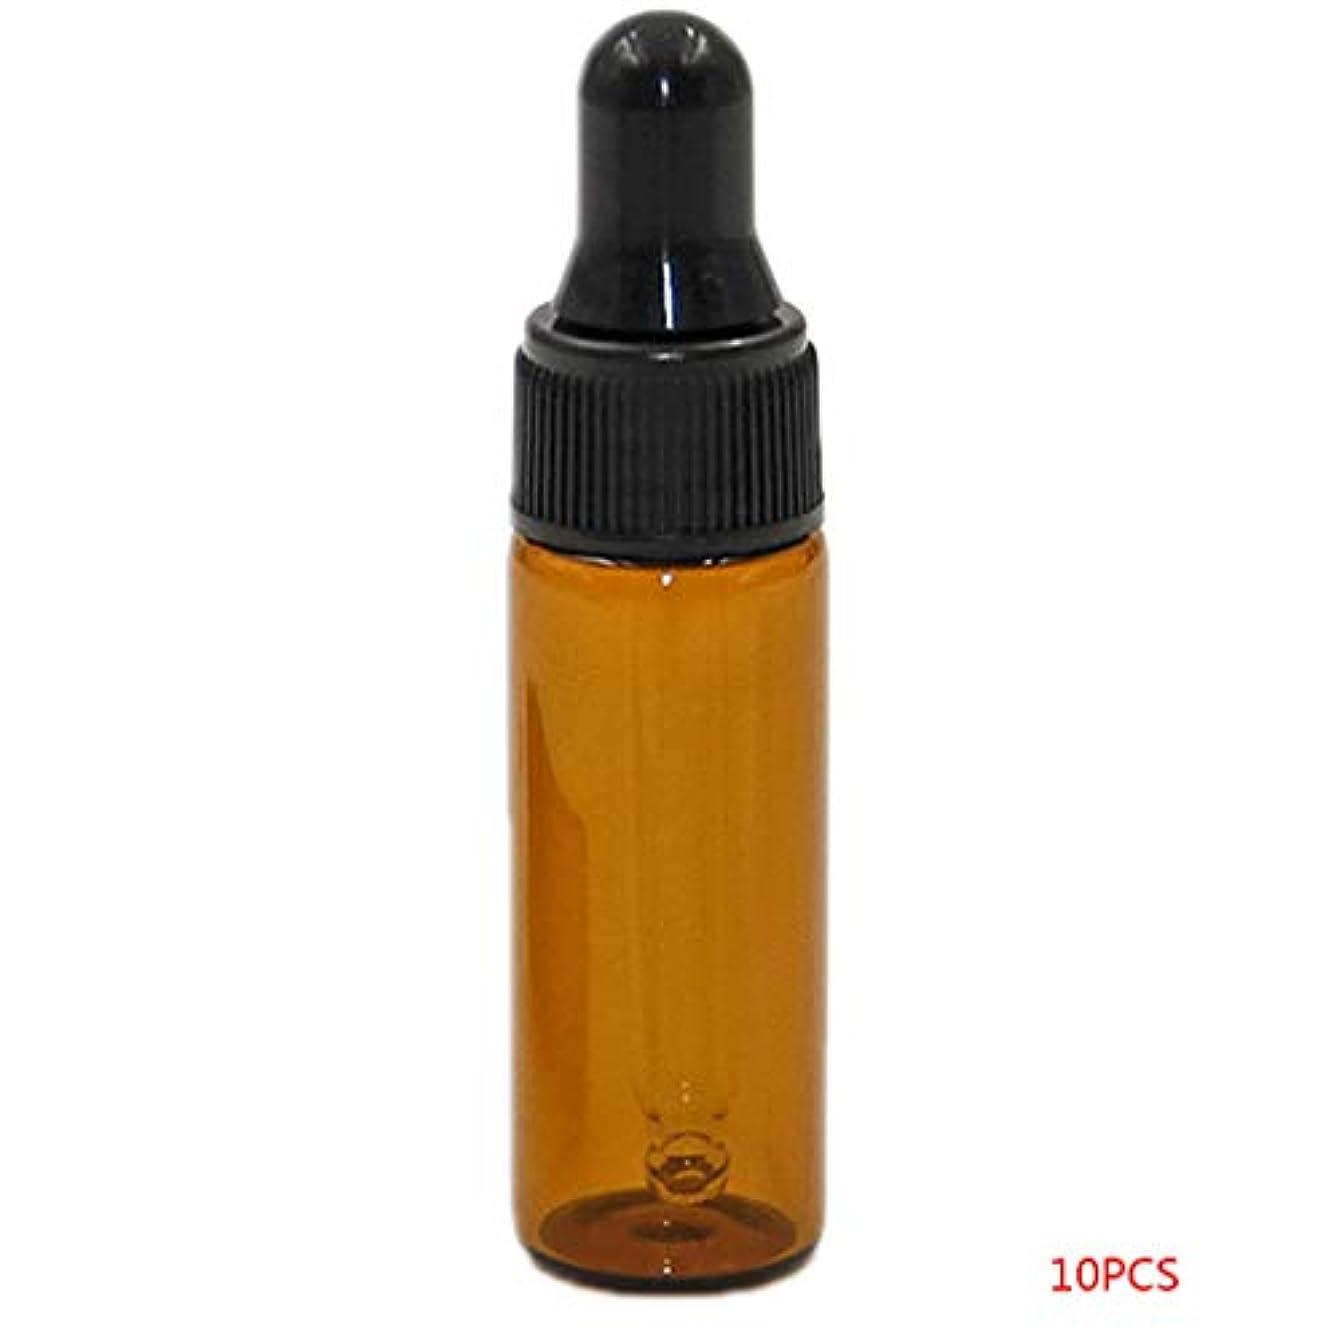 シャーク二十純度uzinby アロマオイル 精油 小分け用 遮光瓶 セット 茶 ガラス アロマ ボトル オイル 用 茶色 瓶 ビン エッセンシャルオイル 保存 詰替え 瓶 ビン 「全新品」